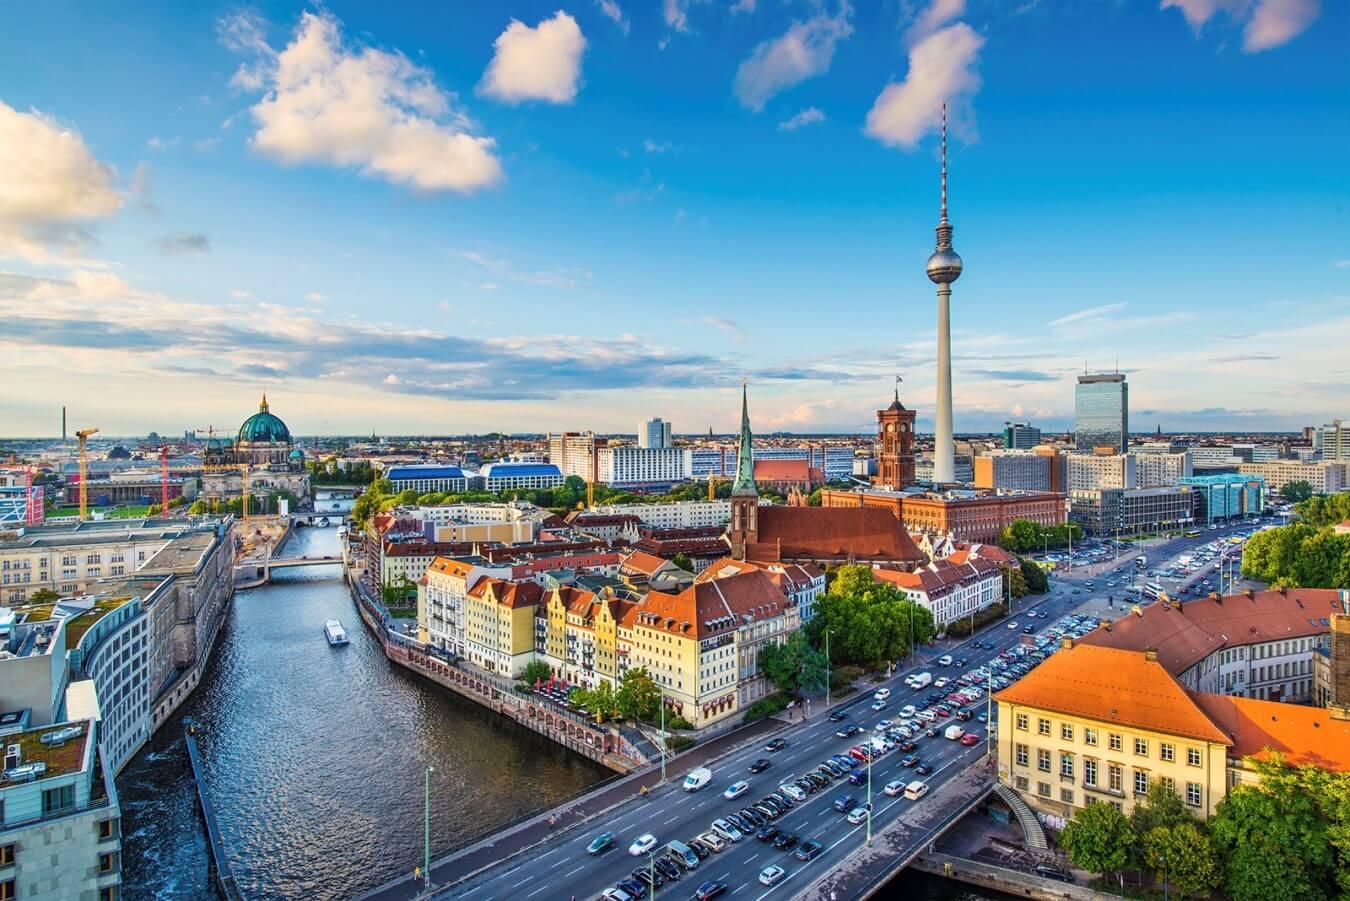 ثبت نام در دانشگاه های آلمان